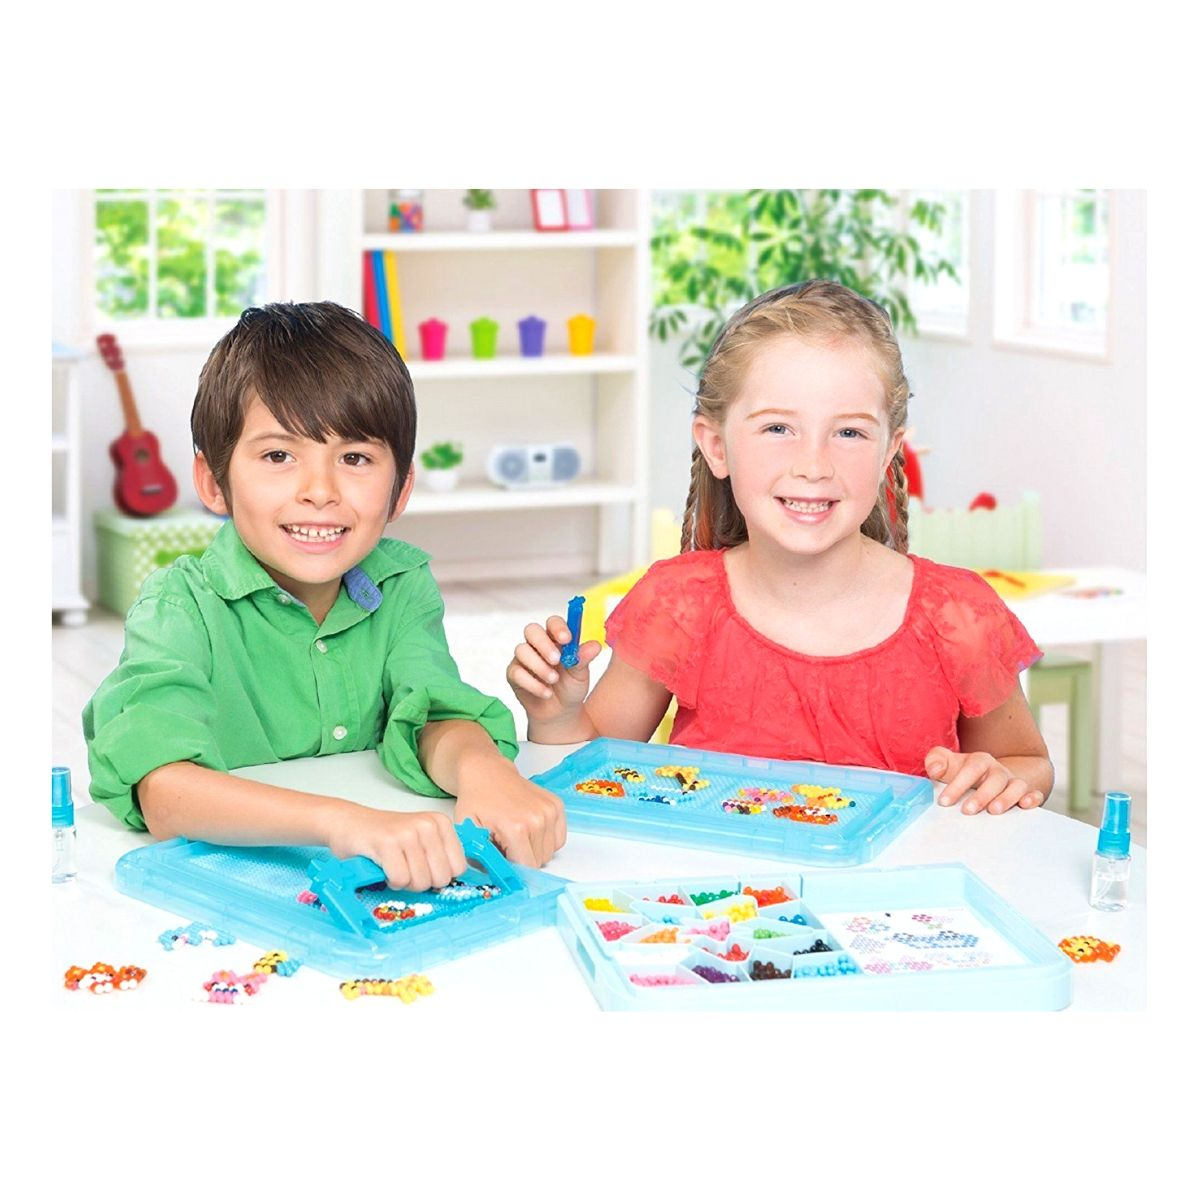 Brinquedo Aquabeads Minhas Criações Favoritas Epoch 30998  - Game Land Brinquedos